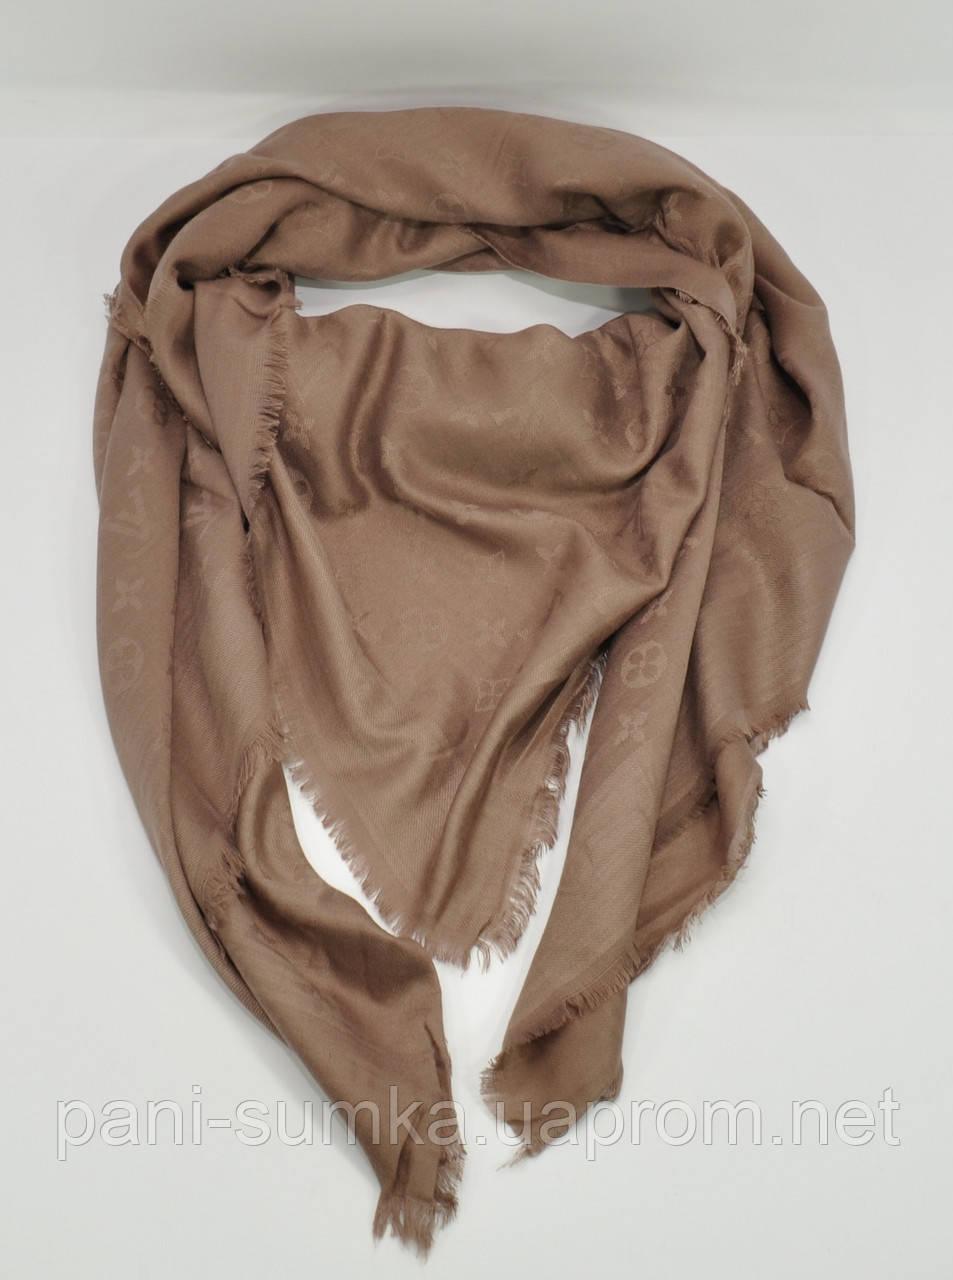 be2da3e651ac Большой кашемировый платок Louis Vuitton 7988-2 капучино, расцветки